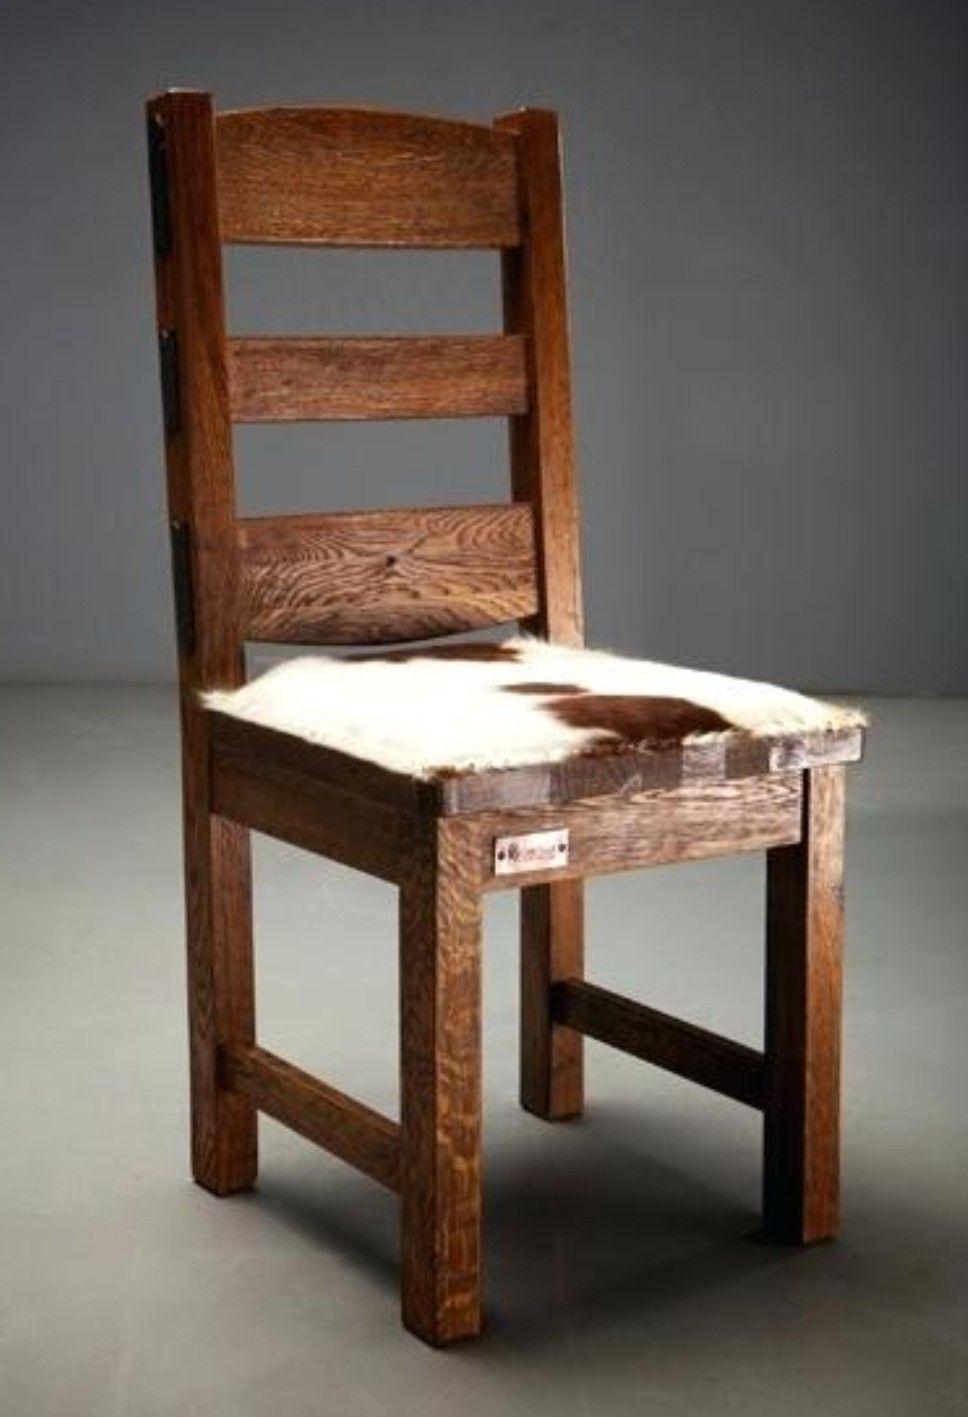 Chair ideas home decor chair decor